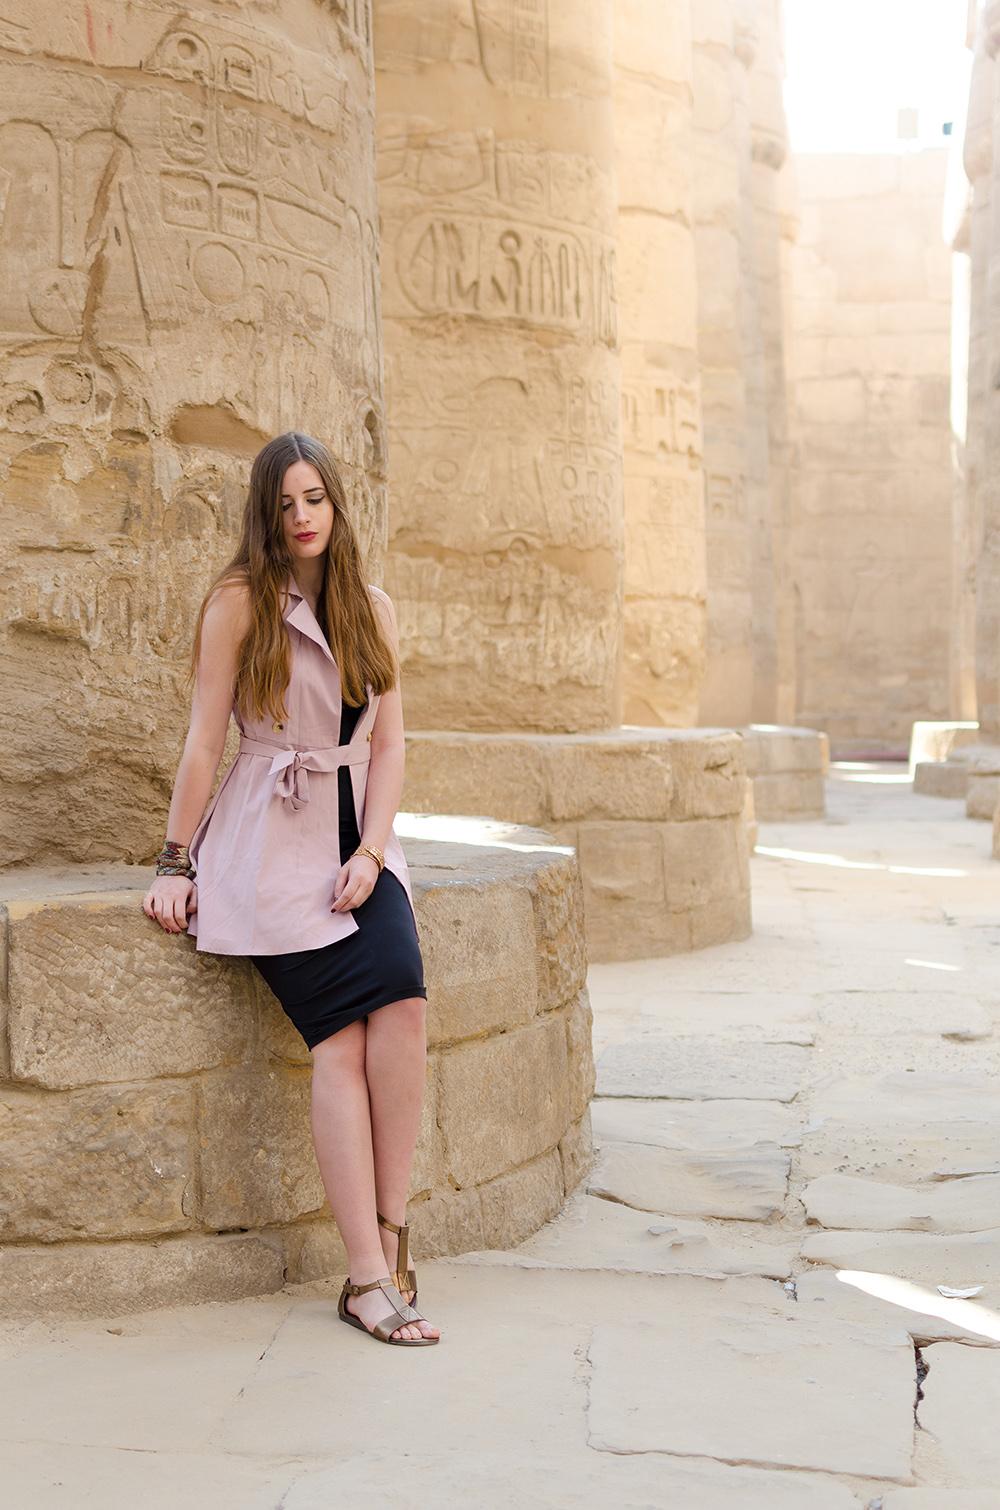 Modeblog-Deutschland-Deutsche-Mode-Mode-Influencer-Andrea-Funk-andysparkles-Berlin-Luxor-Freitagspost-niemals-aufgeben